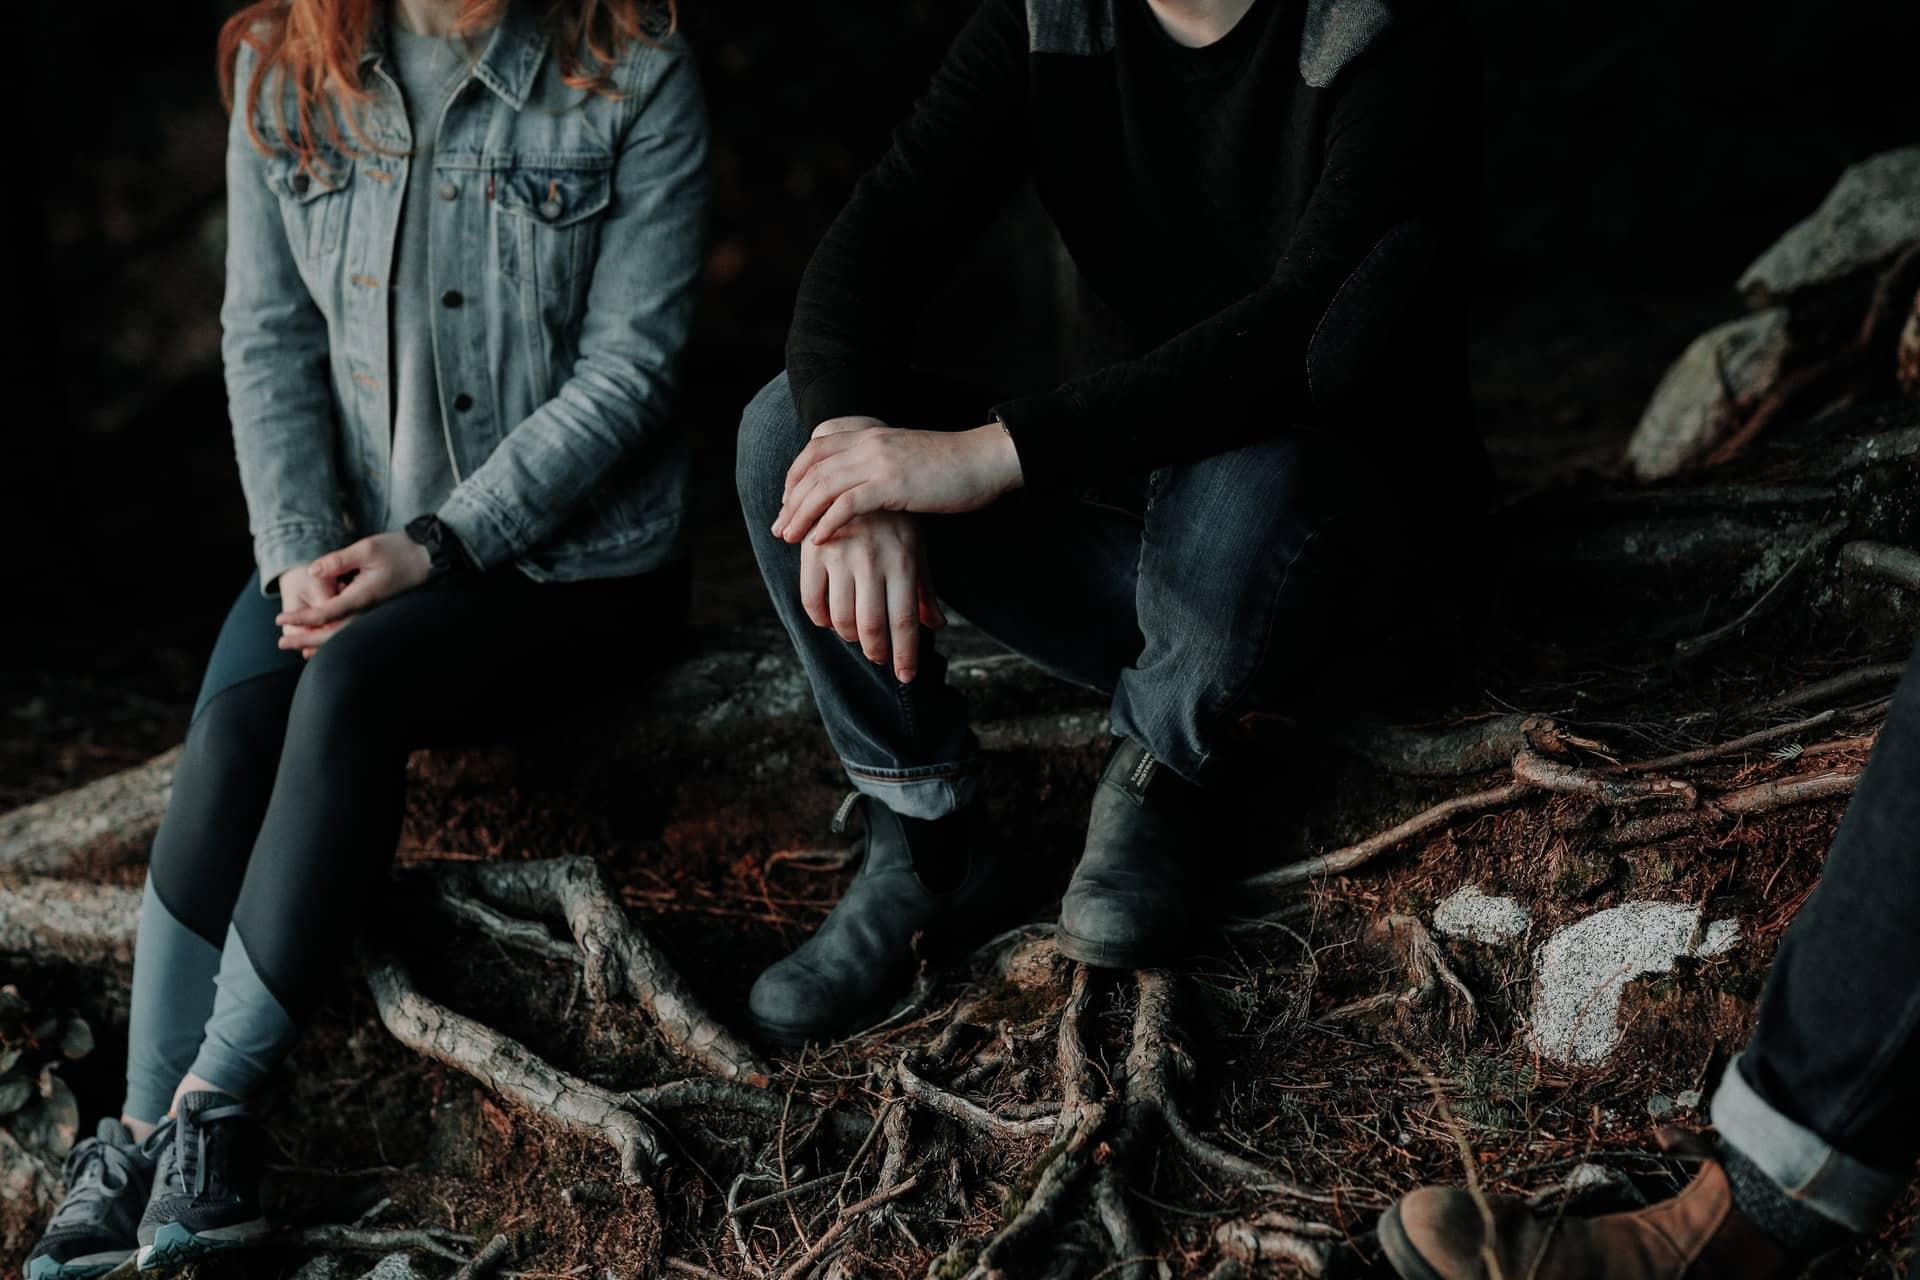 un homme et une femme s'assoient et parlent dans les bois